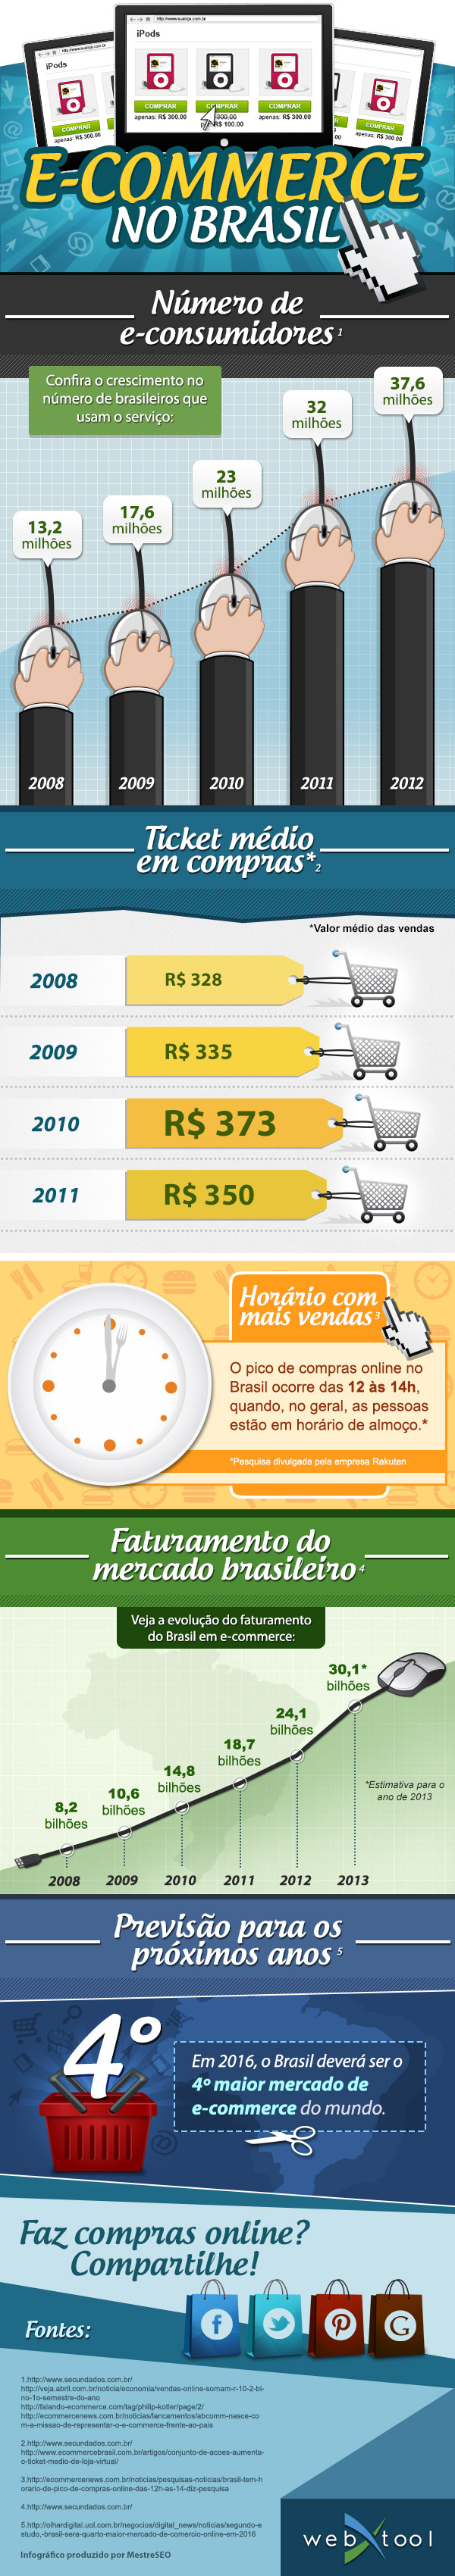 infografico-ecommerce